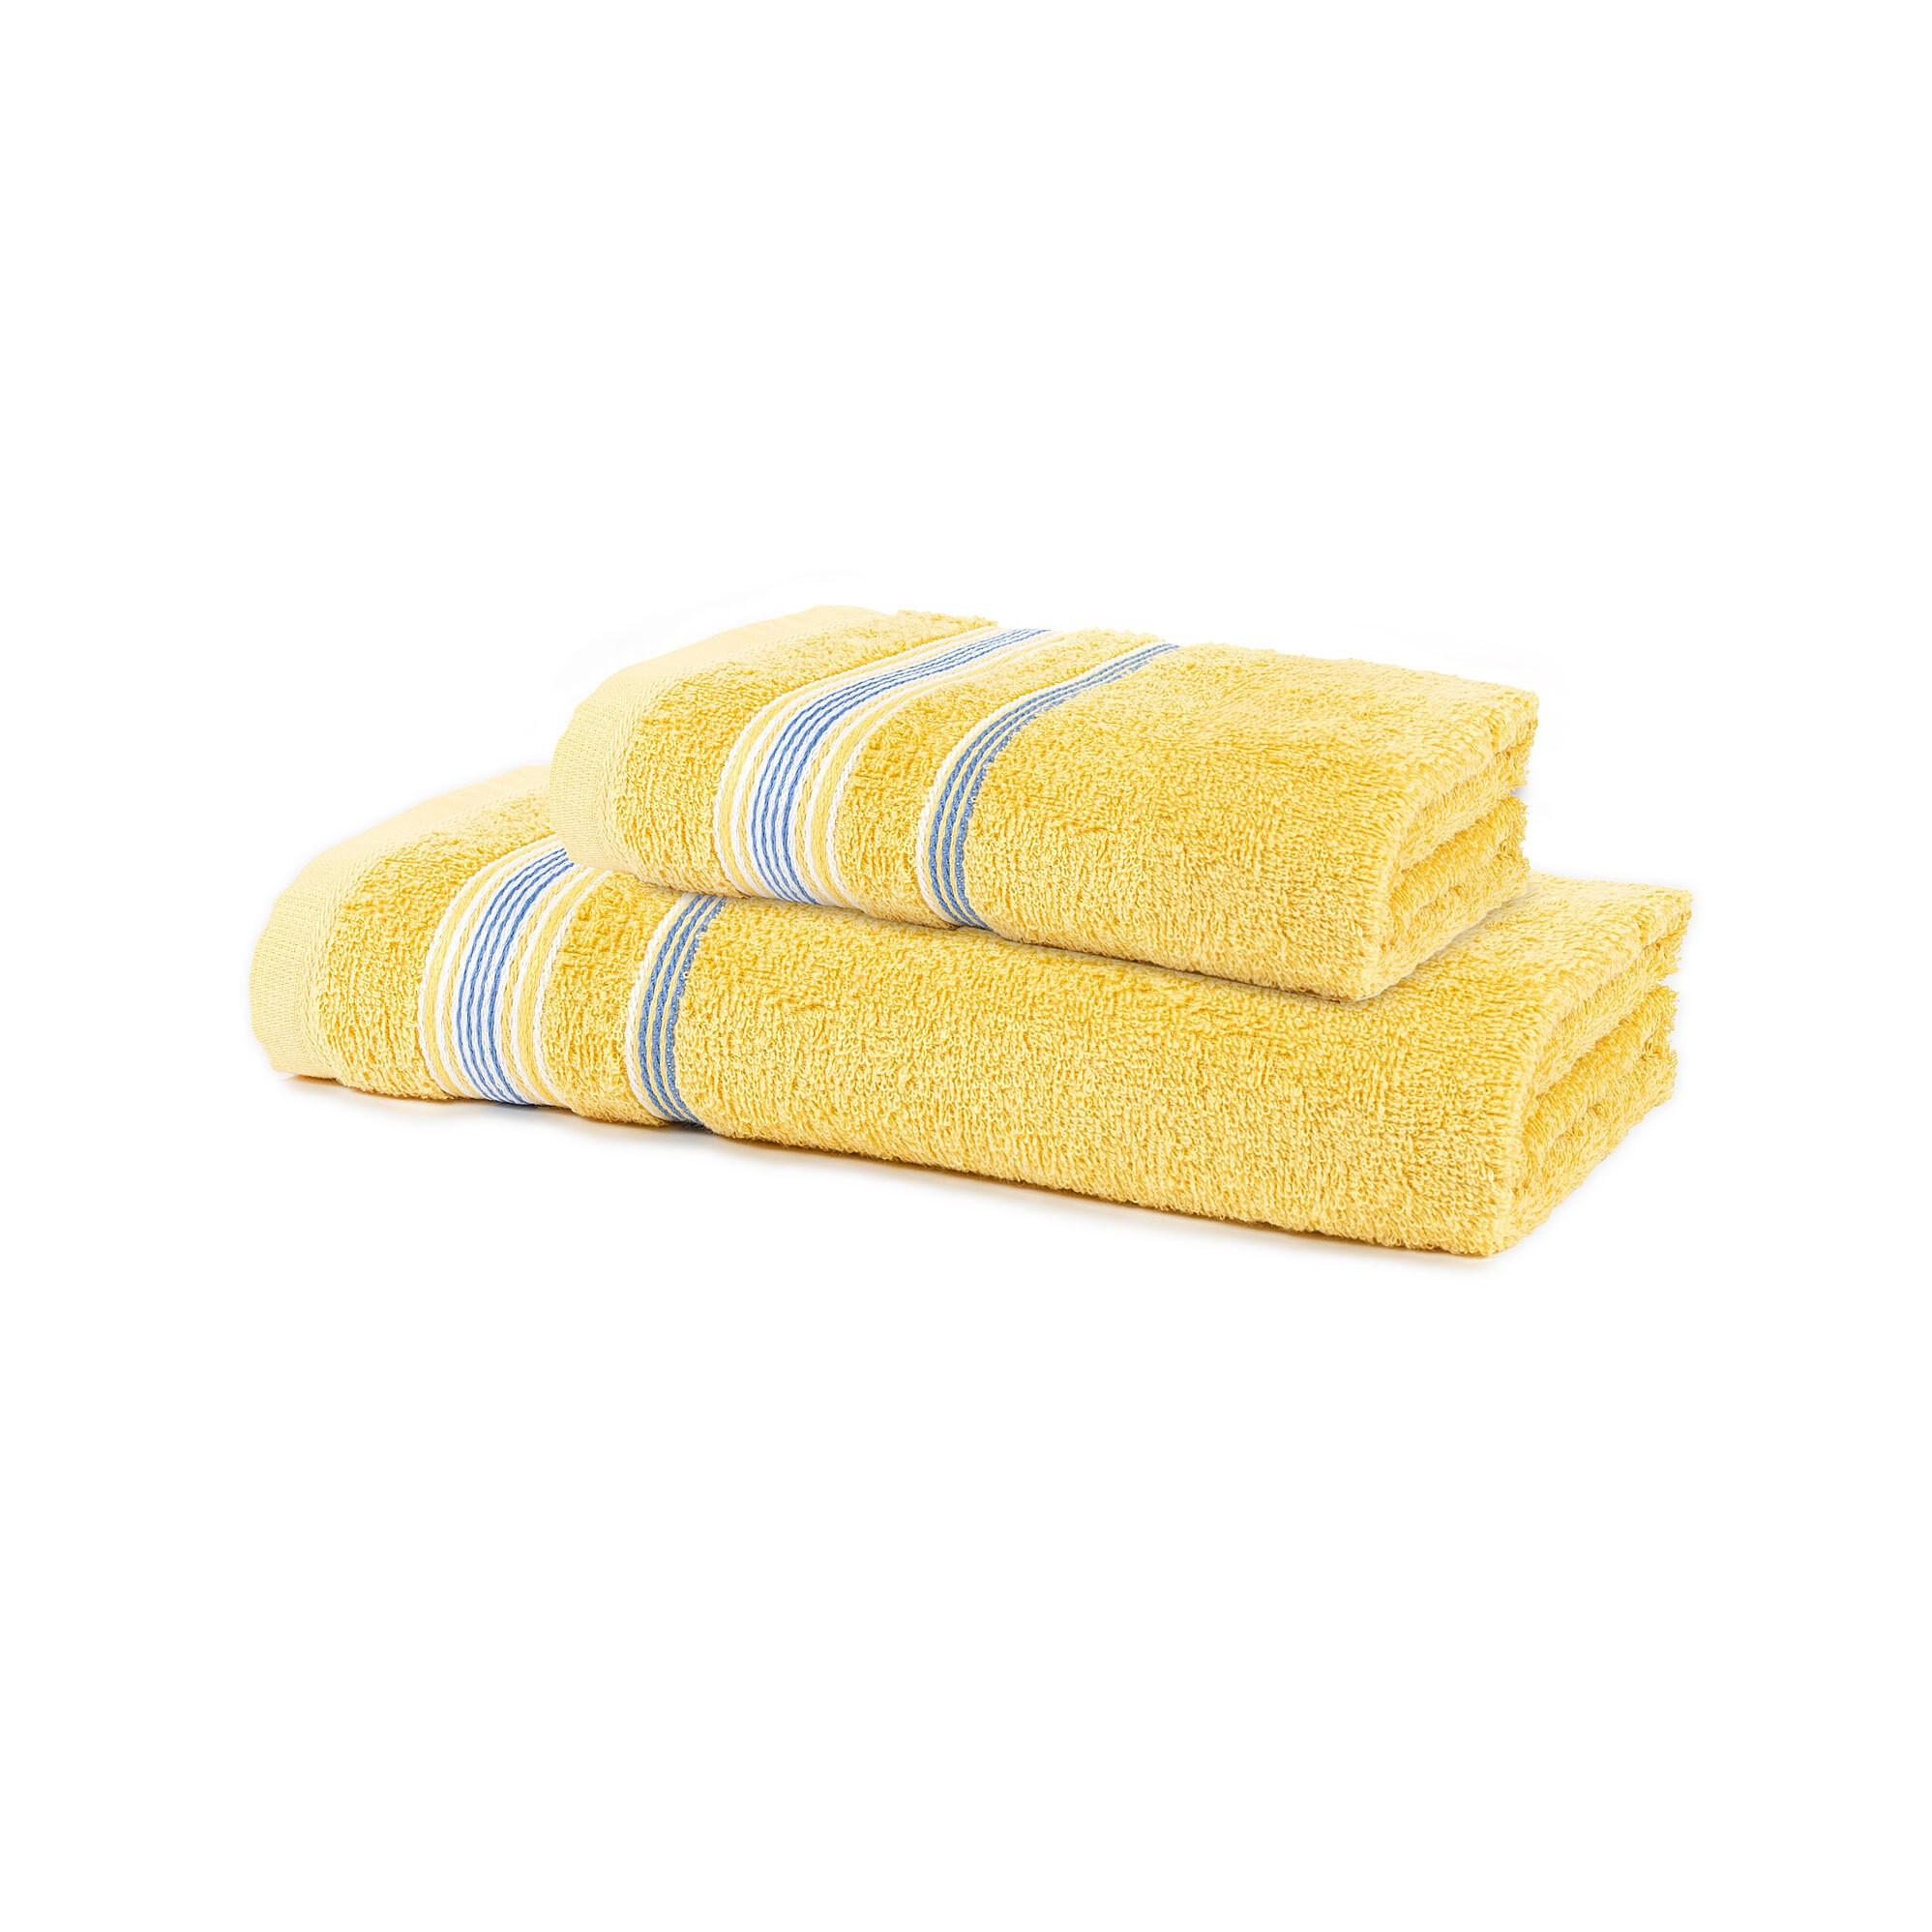 Jogo de Toalhas Santista 2 Pecas 100 Algodao Felpuda Royal Billy - Amarelo